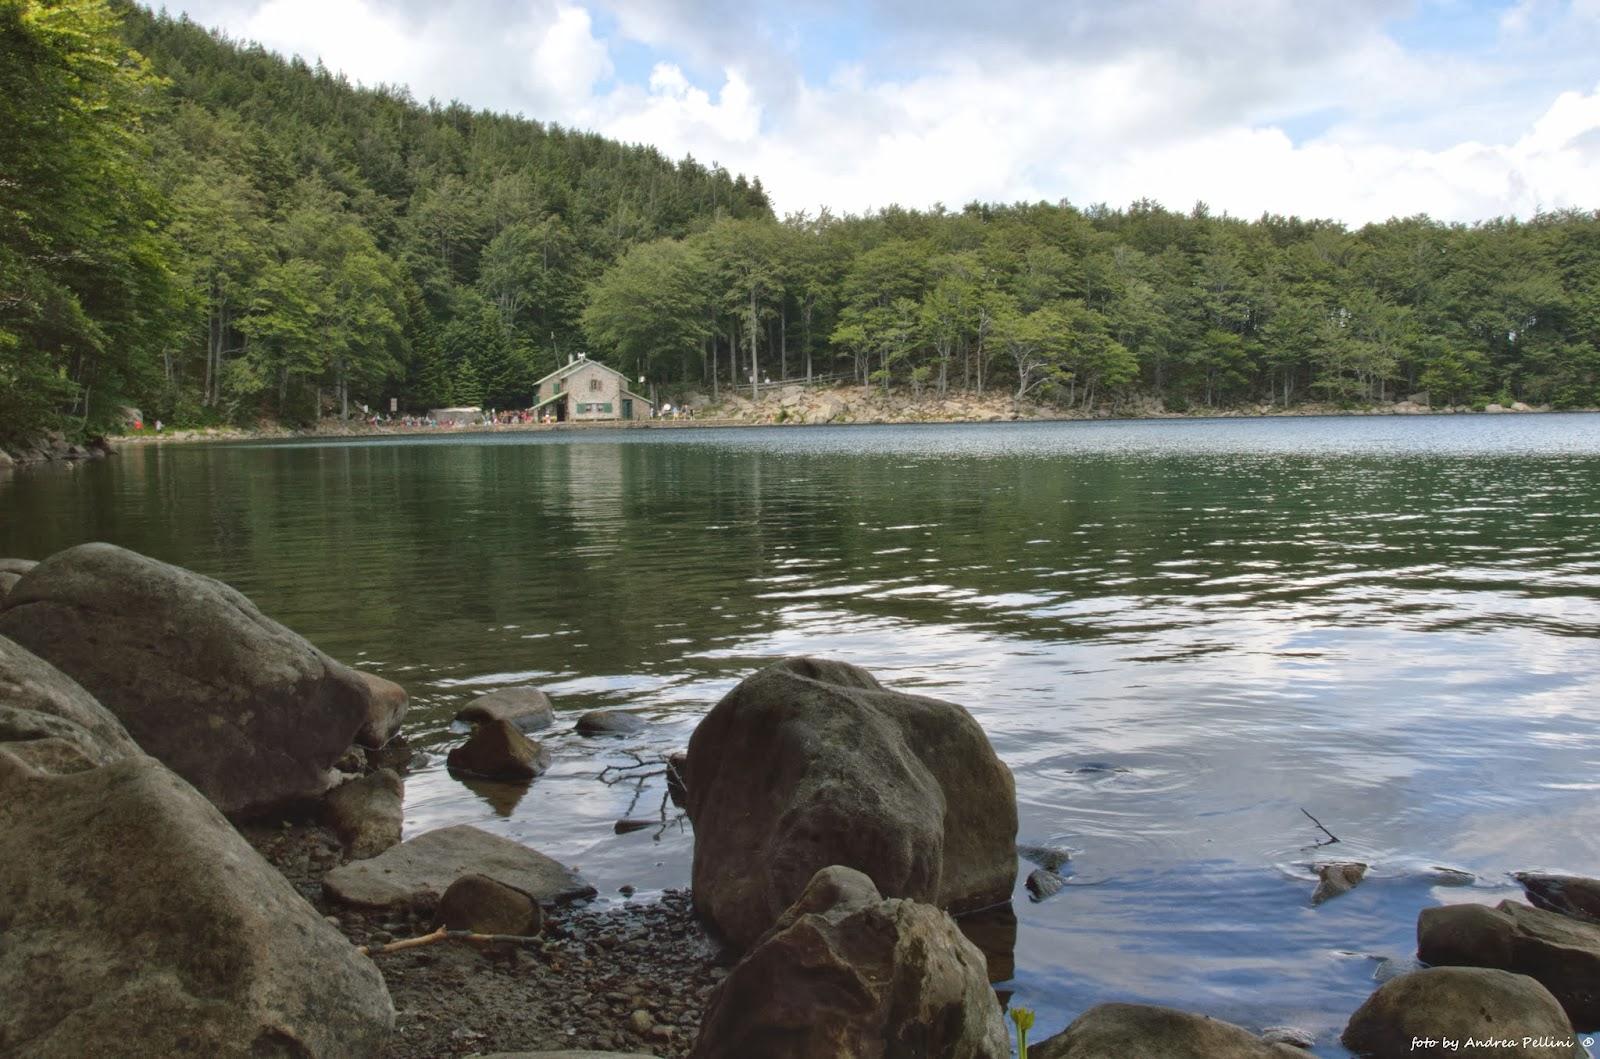 Immagine del Lago Santo parmense. Sullo sfondo il rifugio Mariotti dove si svolse la battaglia